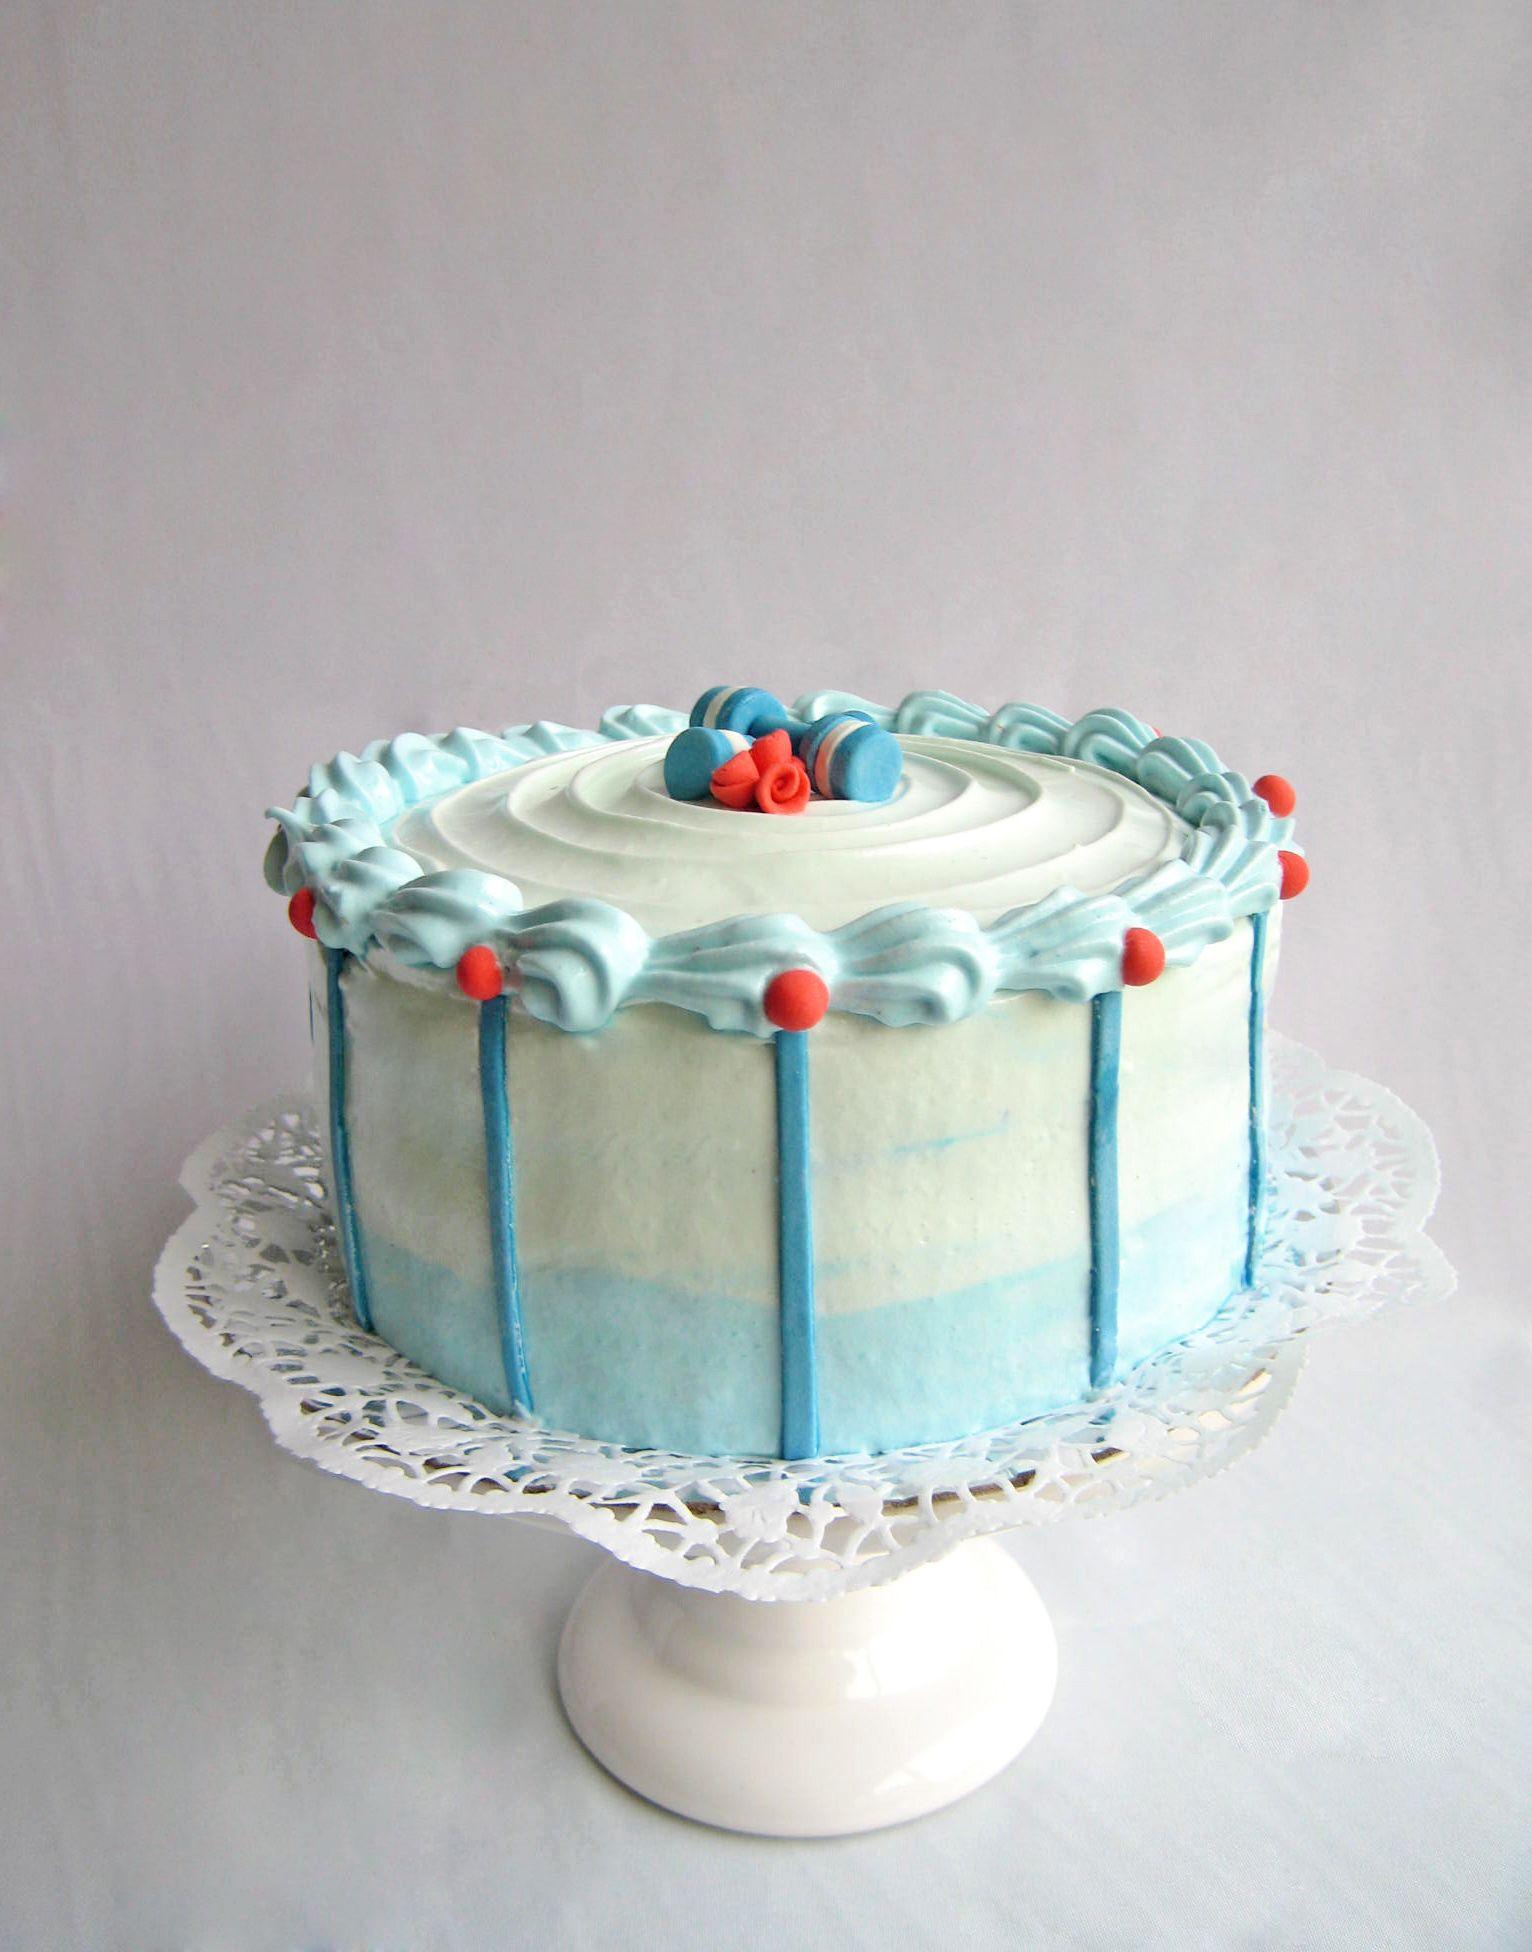 tortas de chocolates decoradas con celeste - Buscar con Google ...